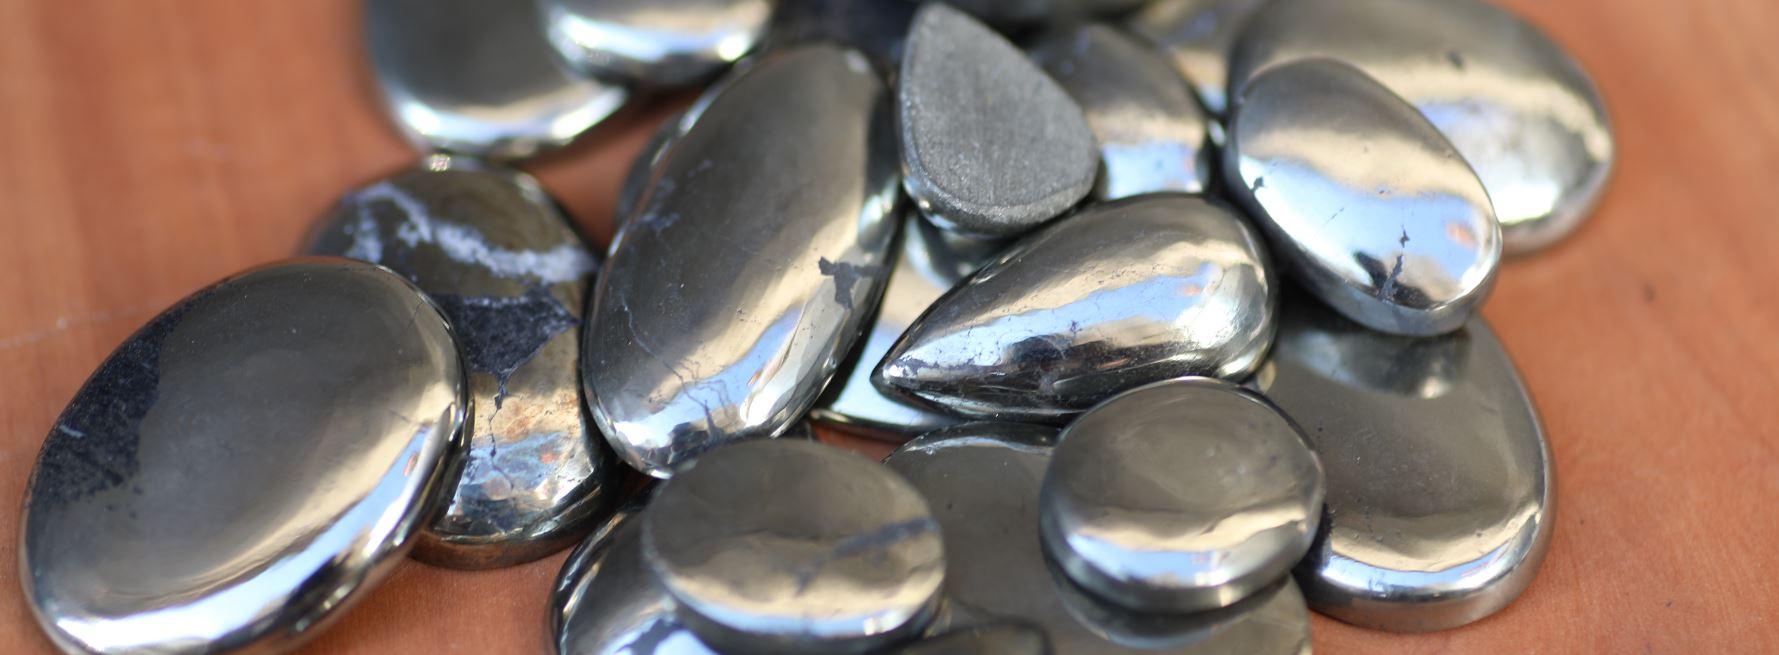 achat de pyrite